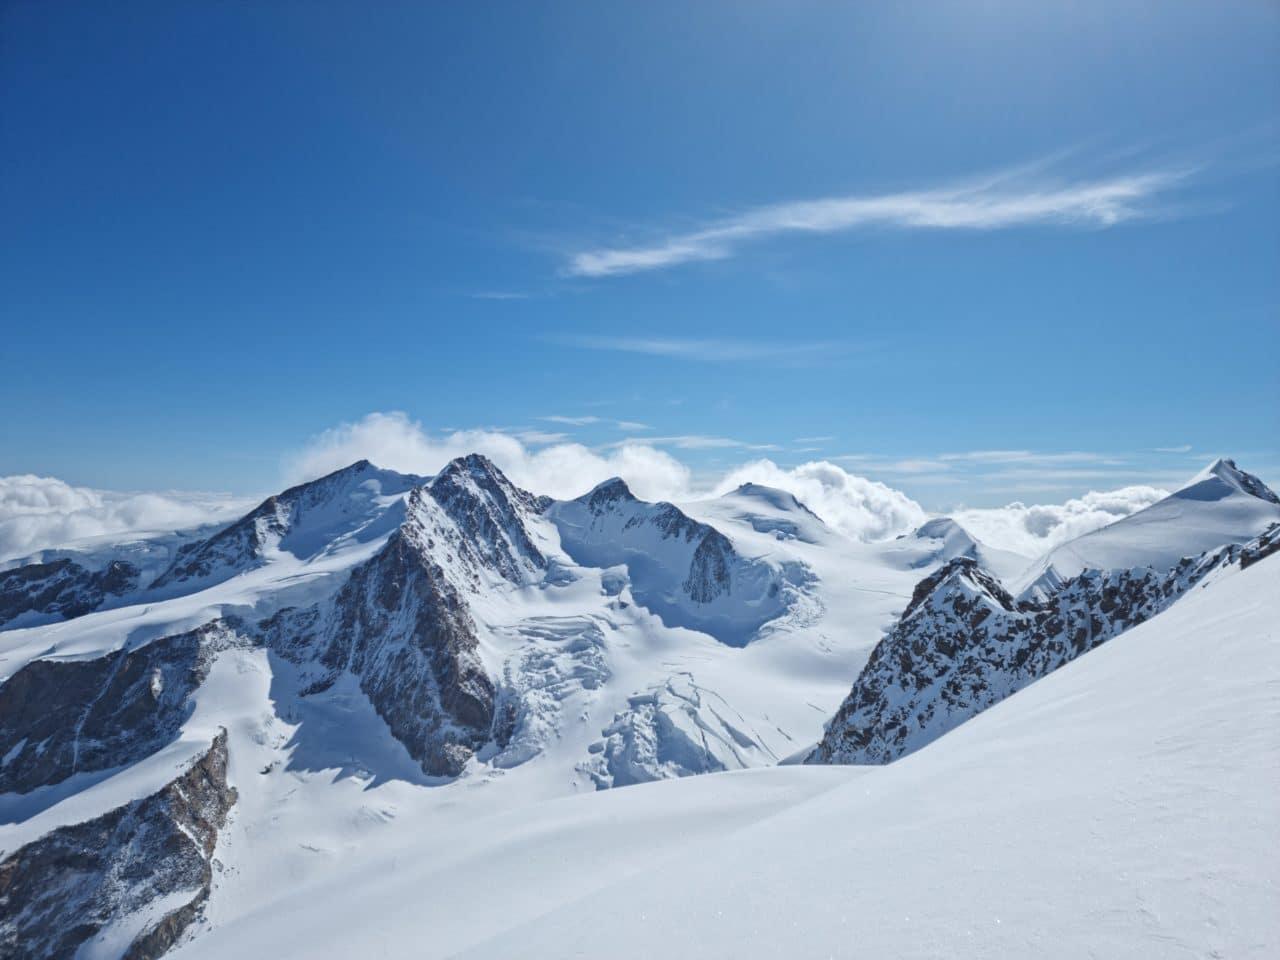 massif du mont rose helyum.ch